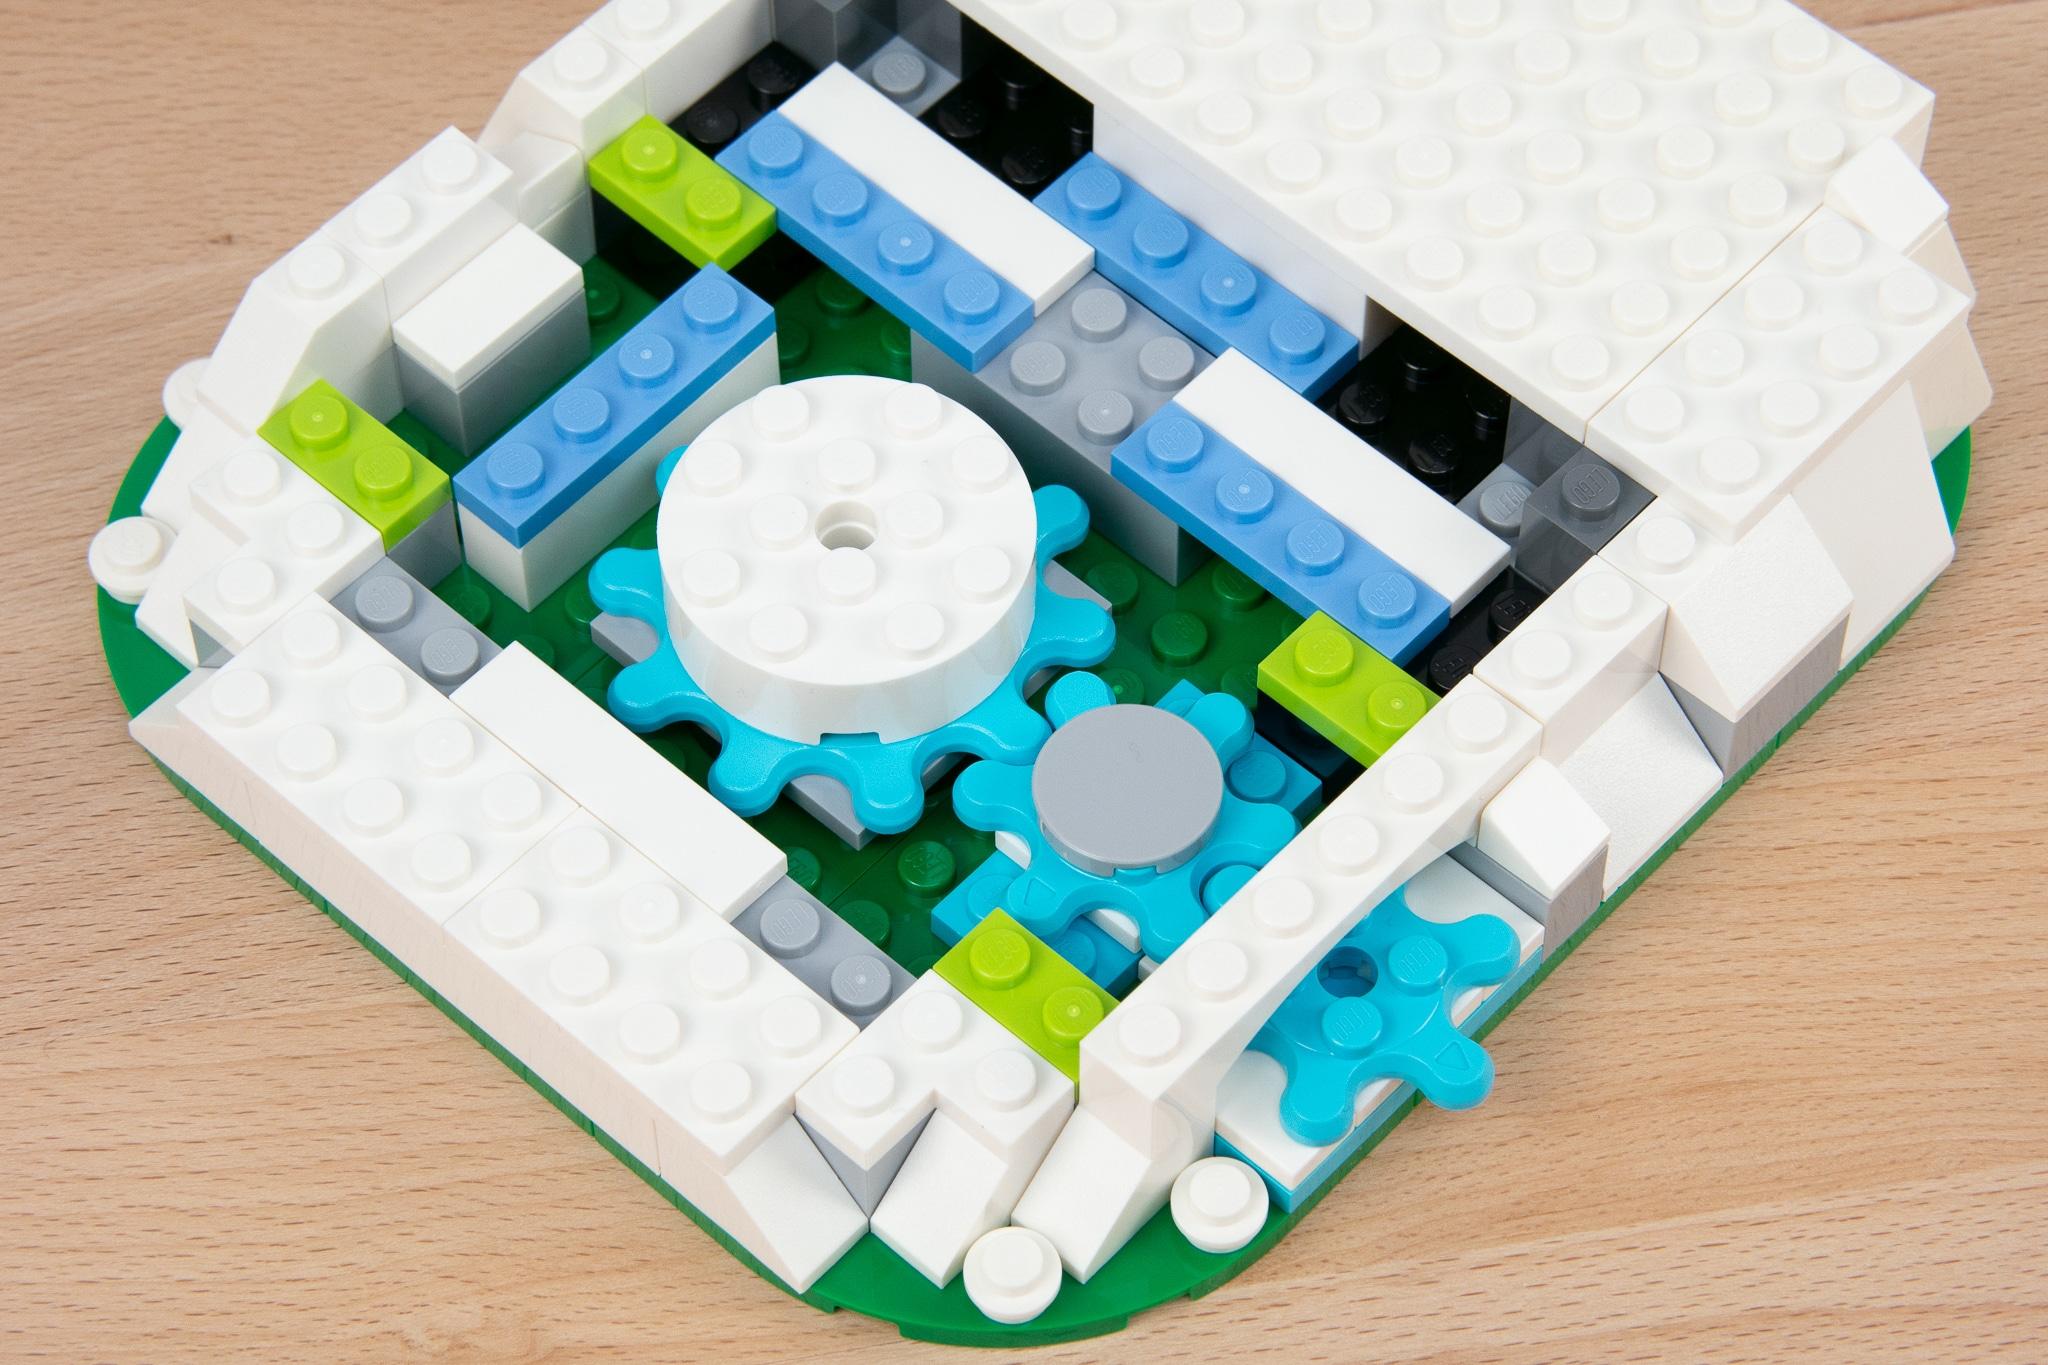 LEGO 40416 Eislaufplatz Stonewars Review (12)